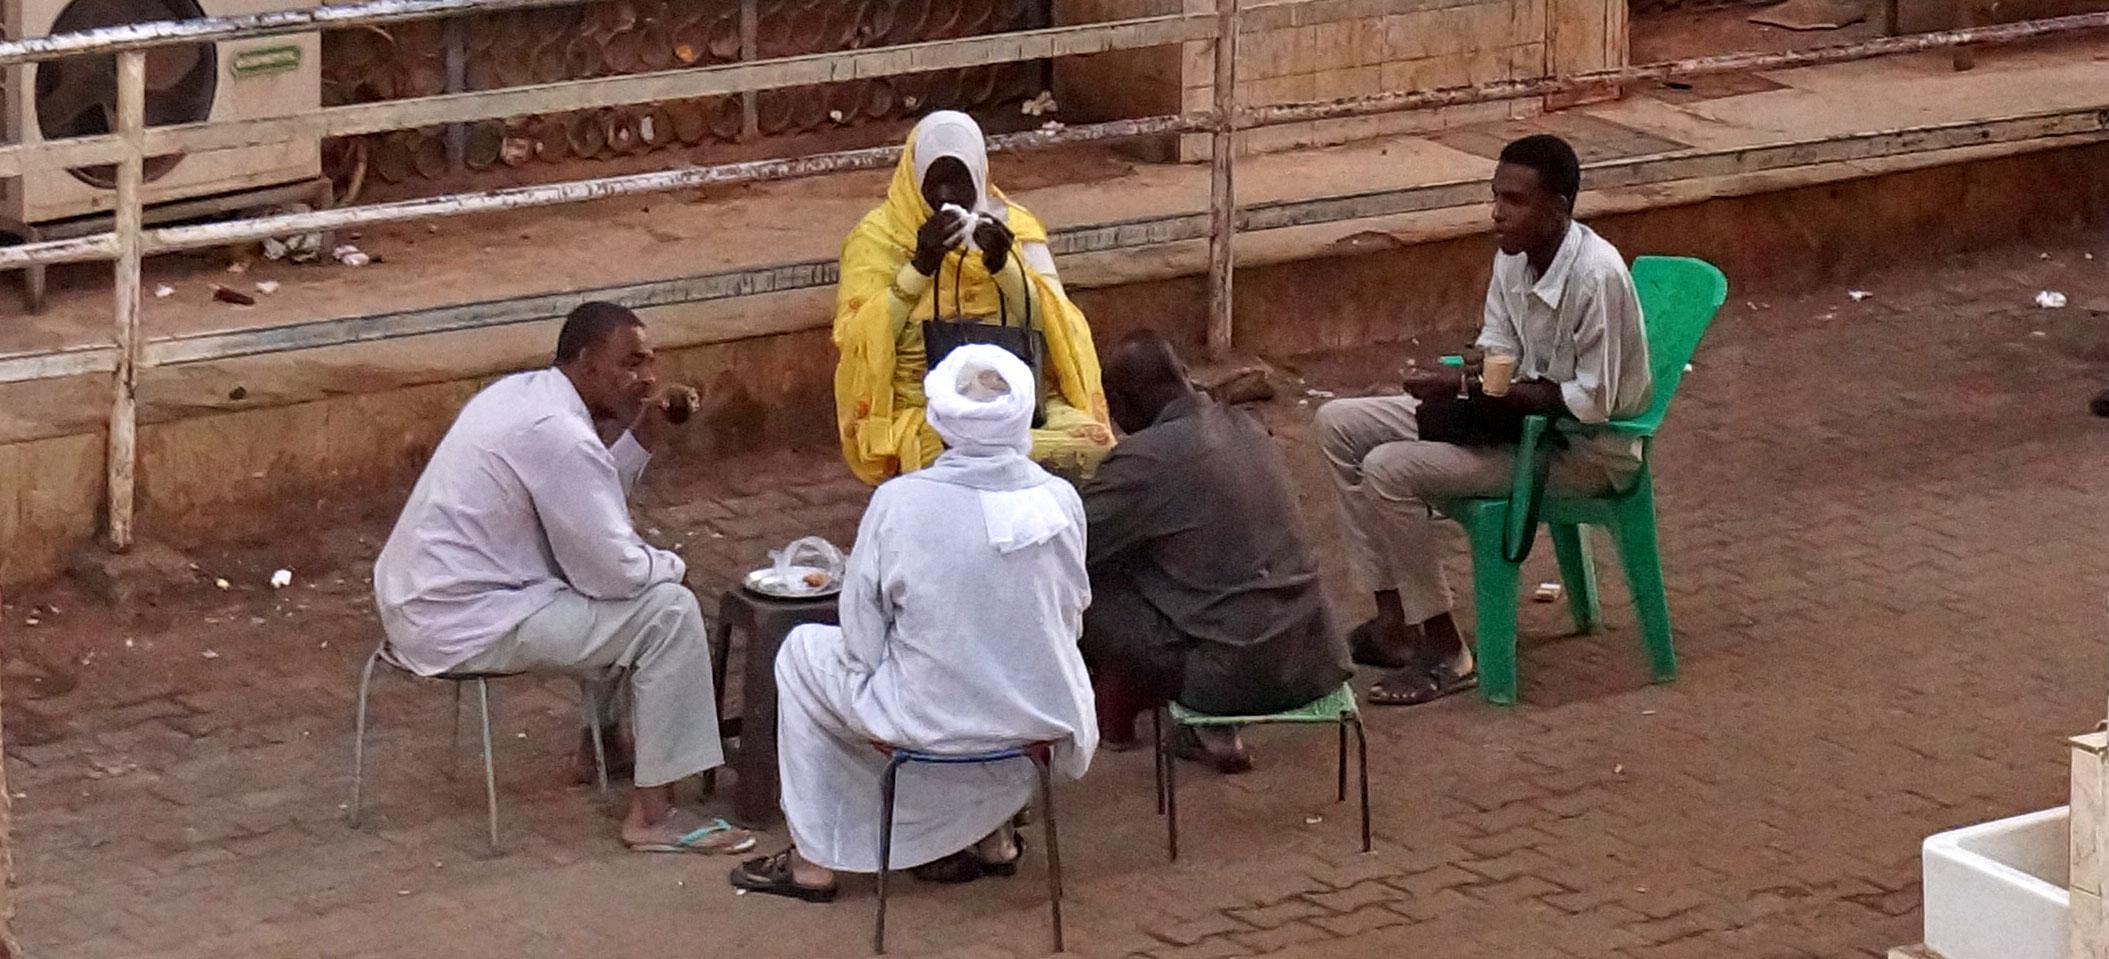 Impression Khartoum Soudan : accueil et couleurs locales